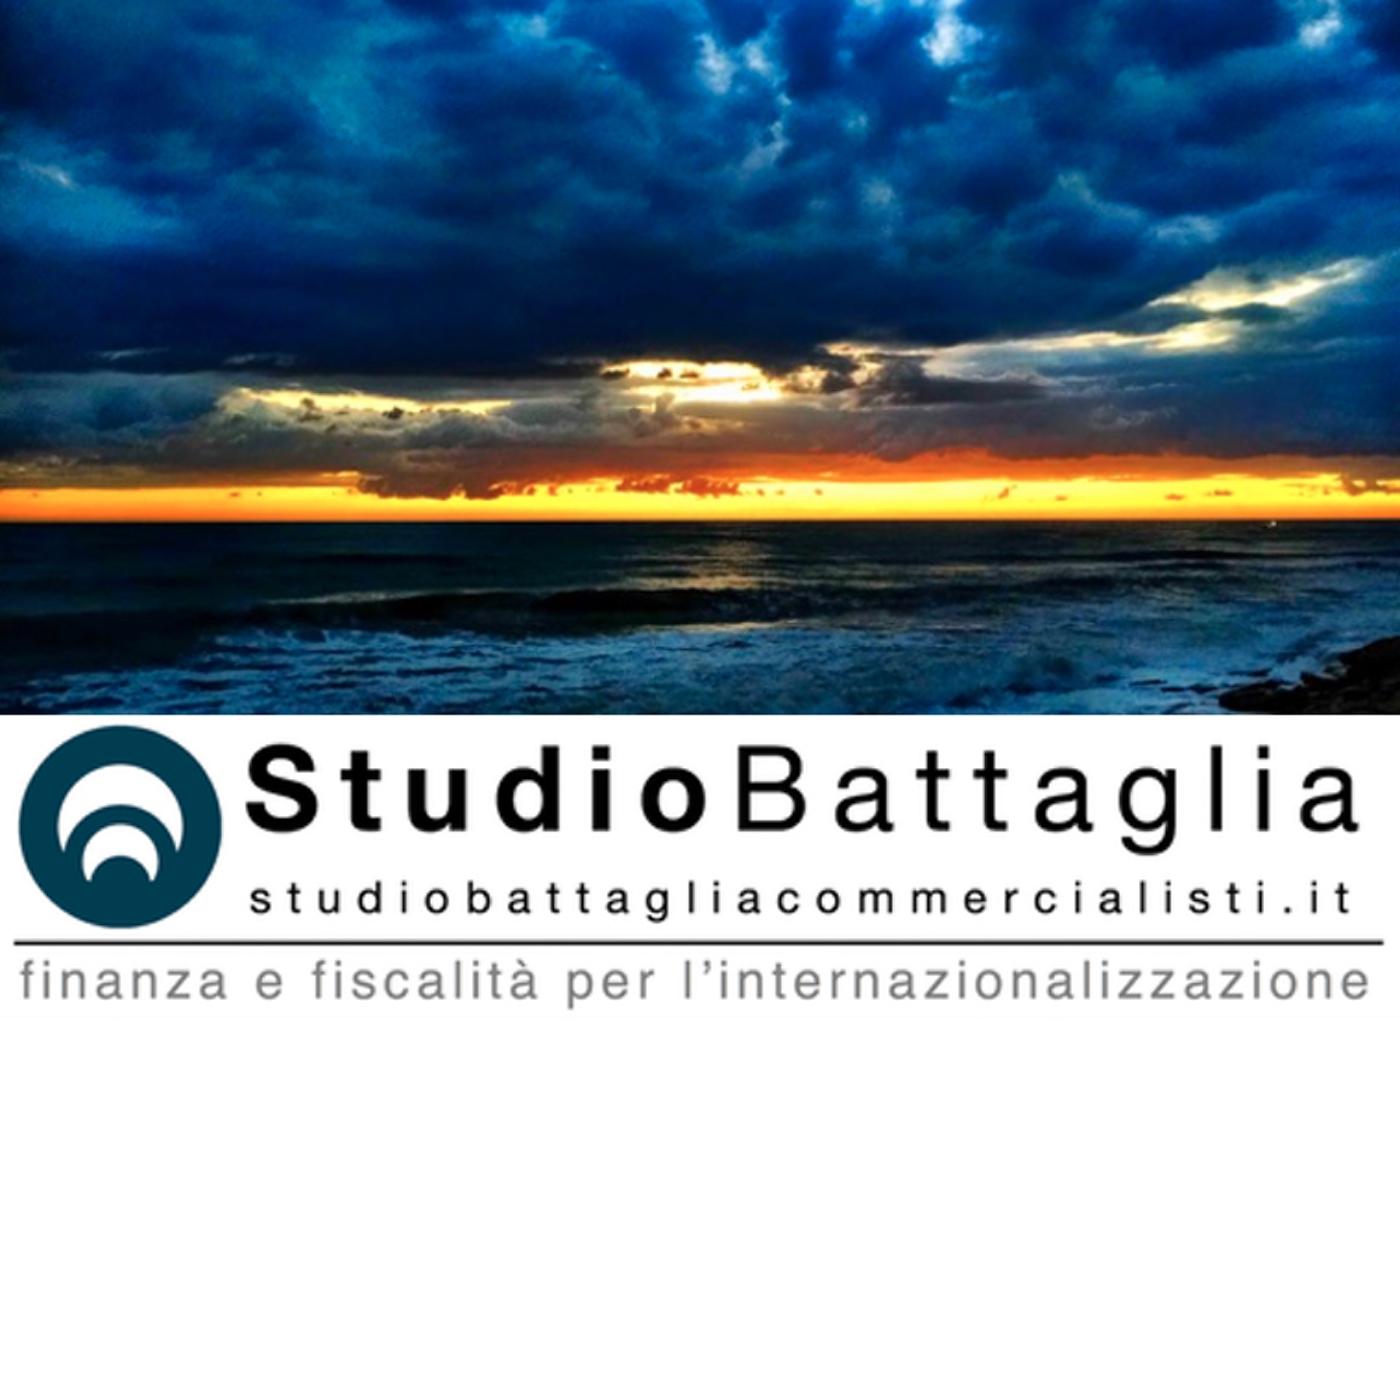 STUDIO BATTAGLIA COMMERCIALISTI. Finanza e fiscalità per l'internazionalizzazione